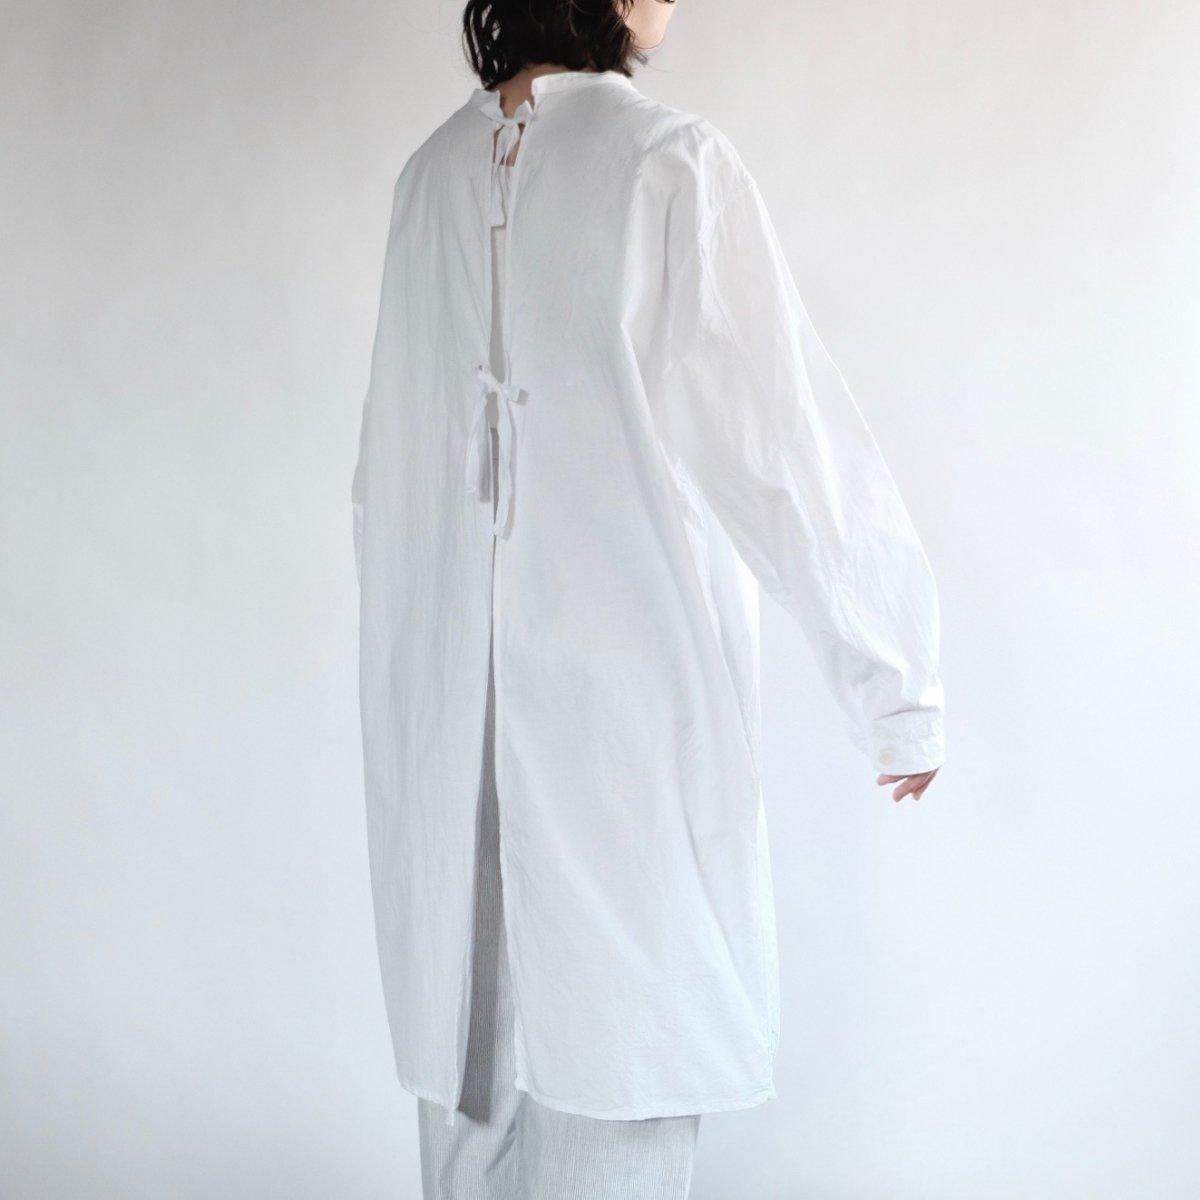 [VINTAGE] Back Ribboned Medical Shirt